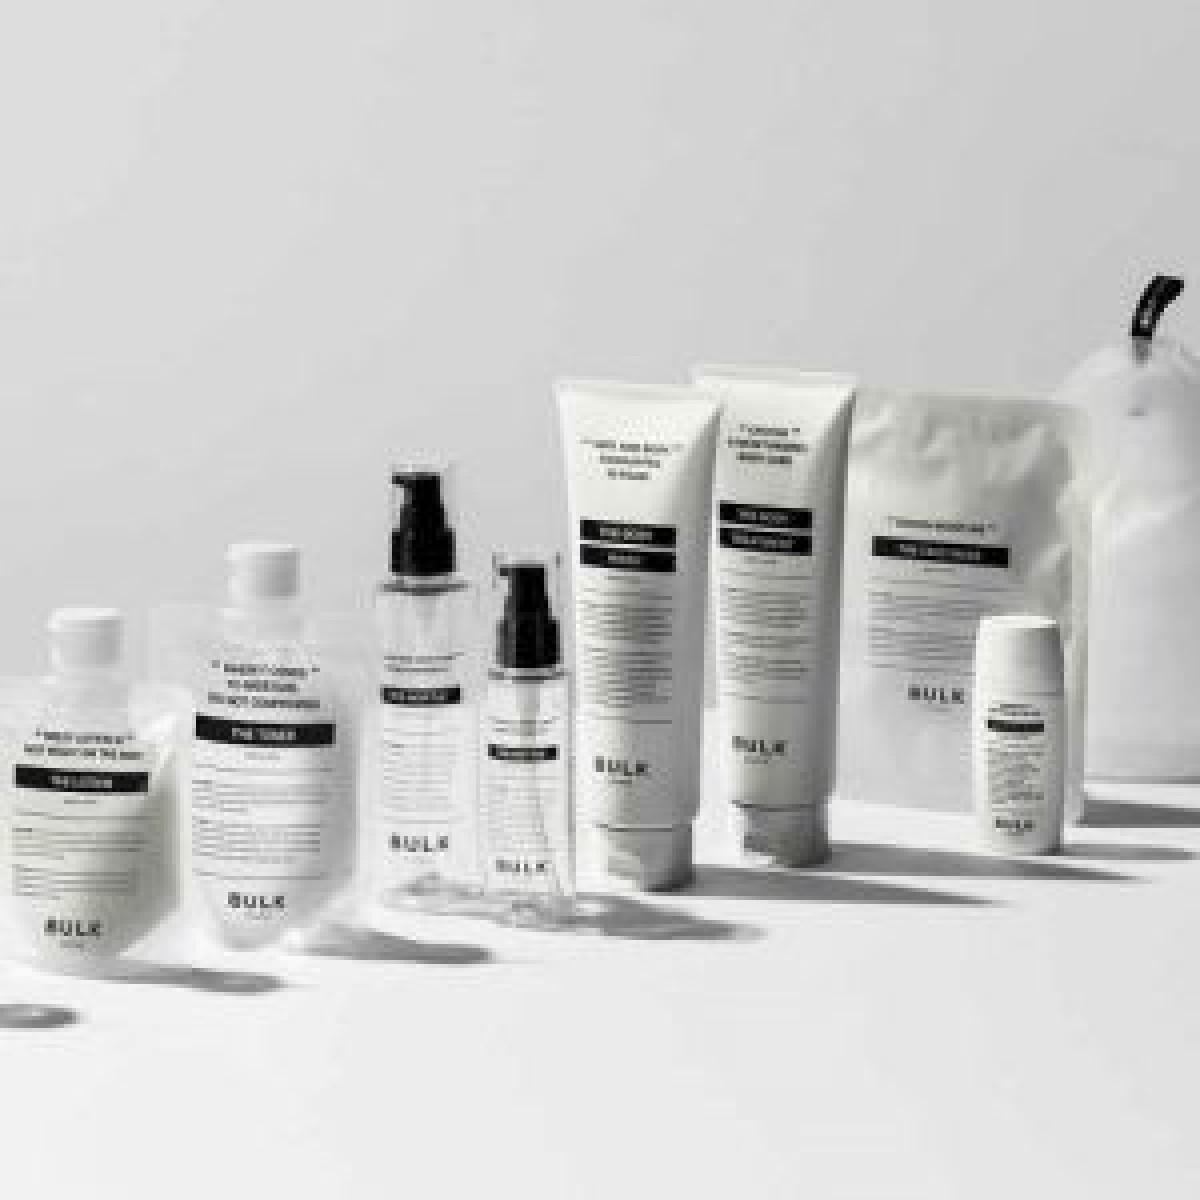 三井物産が化粧品分野に本格参入、メンズのバルクオムへ出資